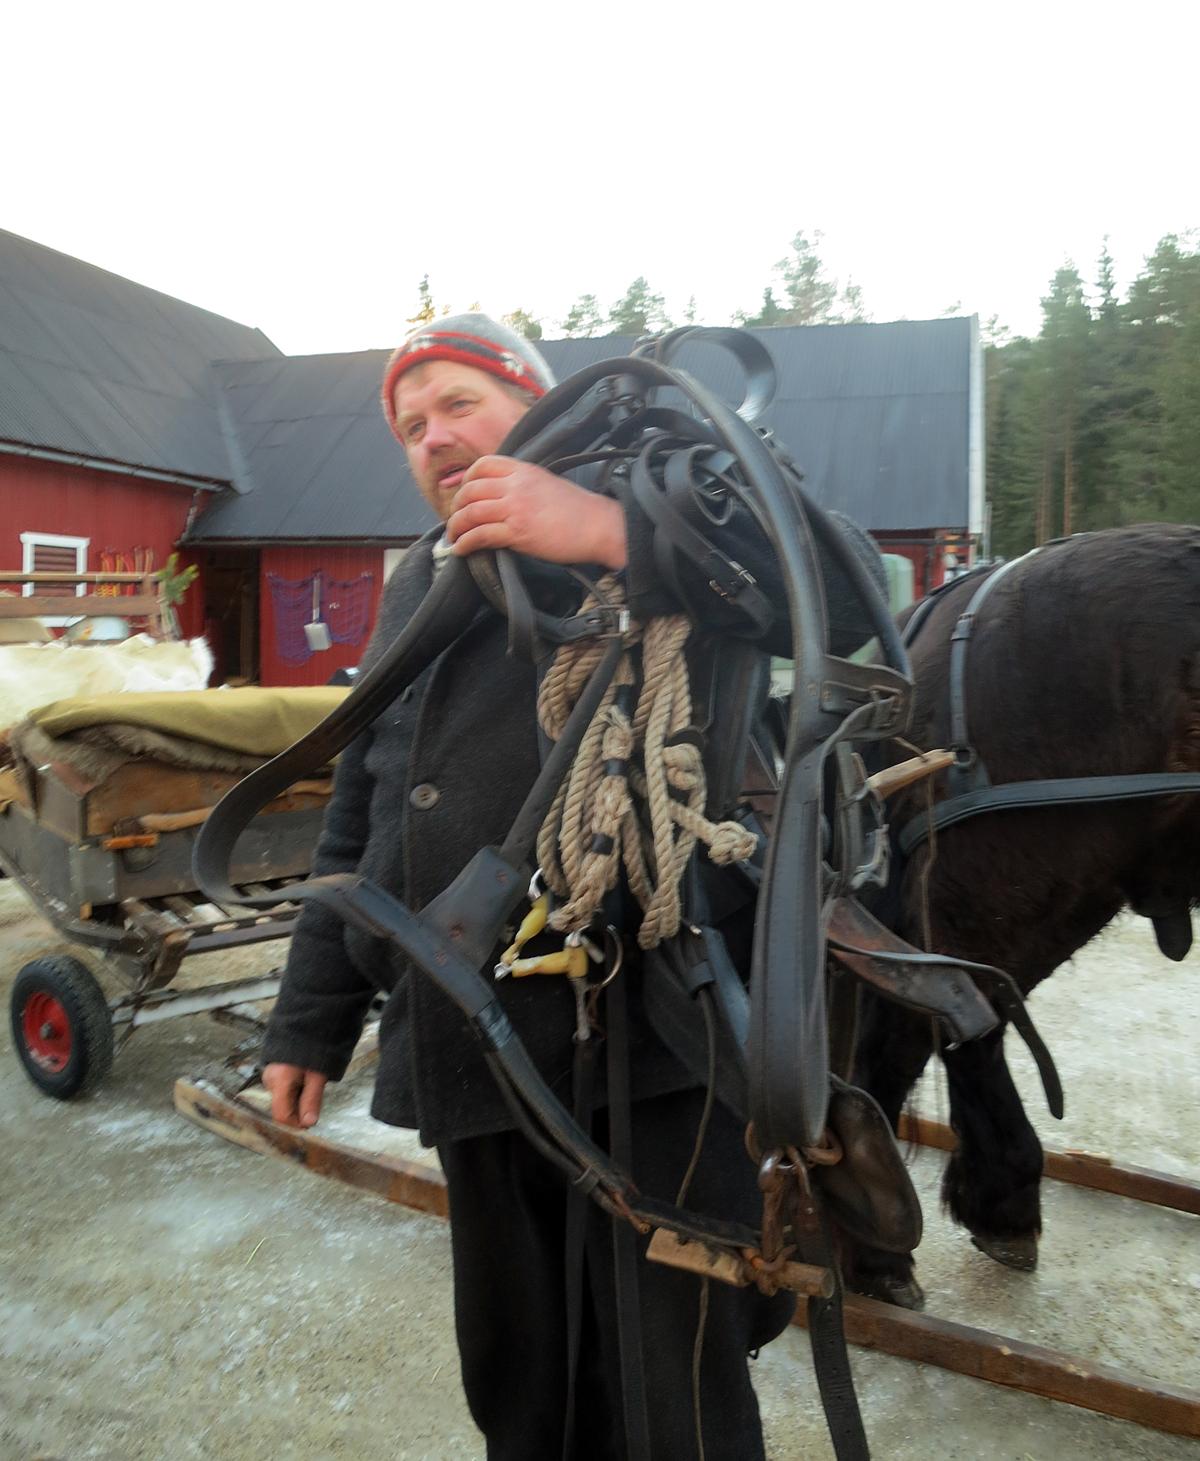 Da var Romedalsprins sæla av, og Truls bærer seletøyet på plass til neste dag. Foto: Karine Bogsti